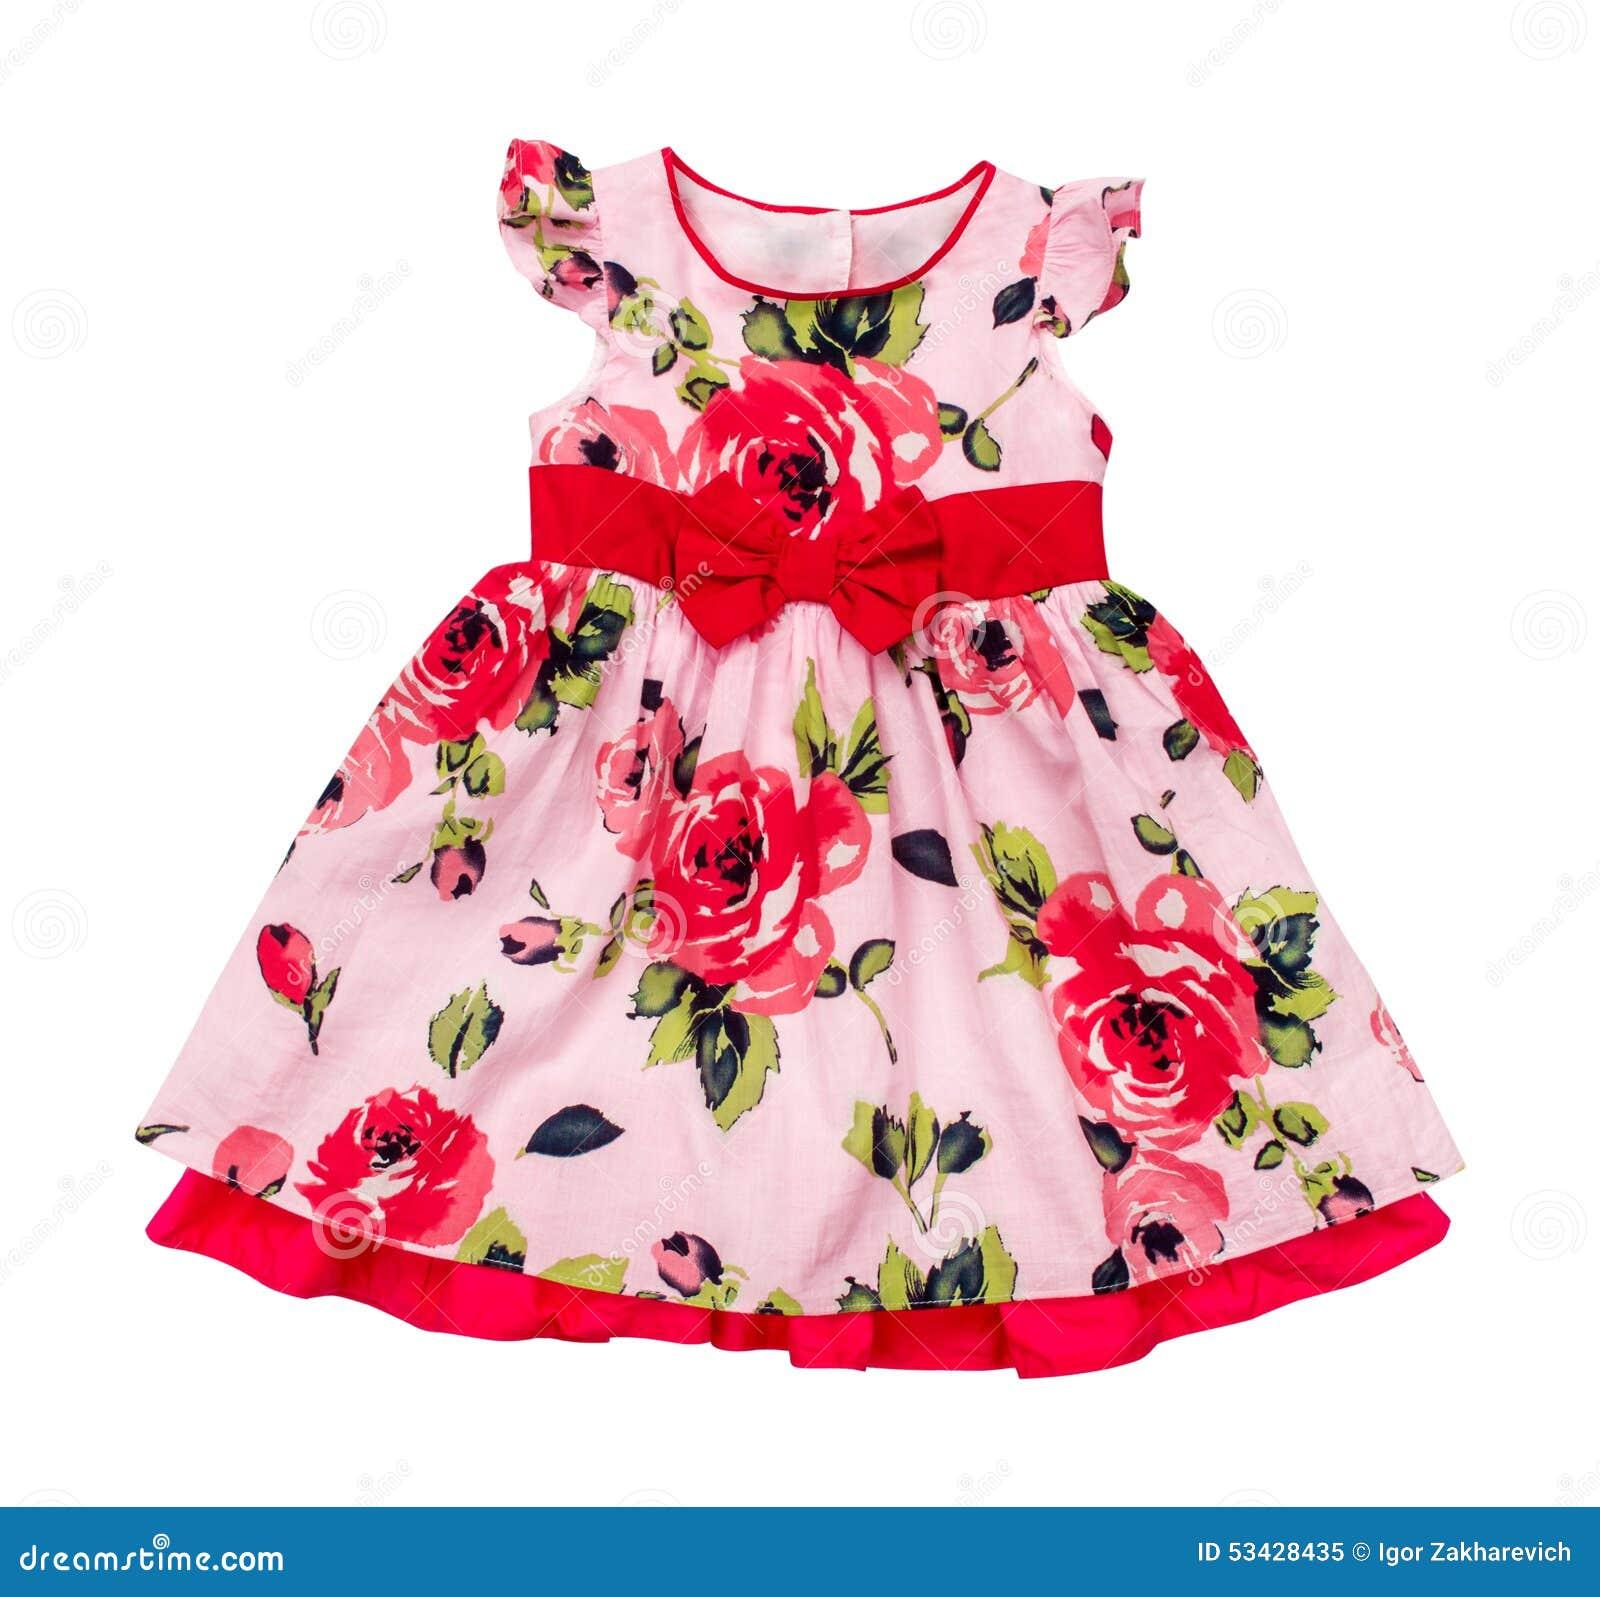 Babykleding Roze.Heldere Roze Babykleding In Bloemendruk Stock Afbeelding